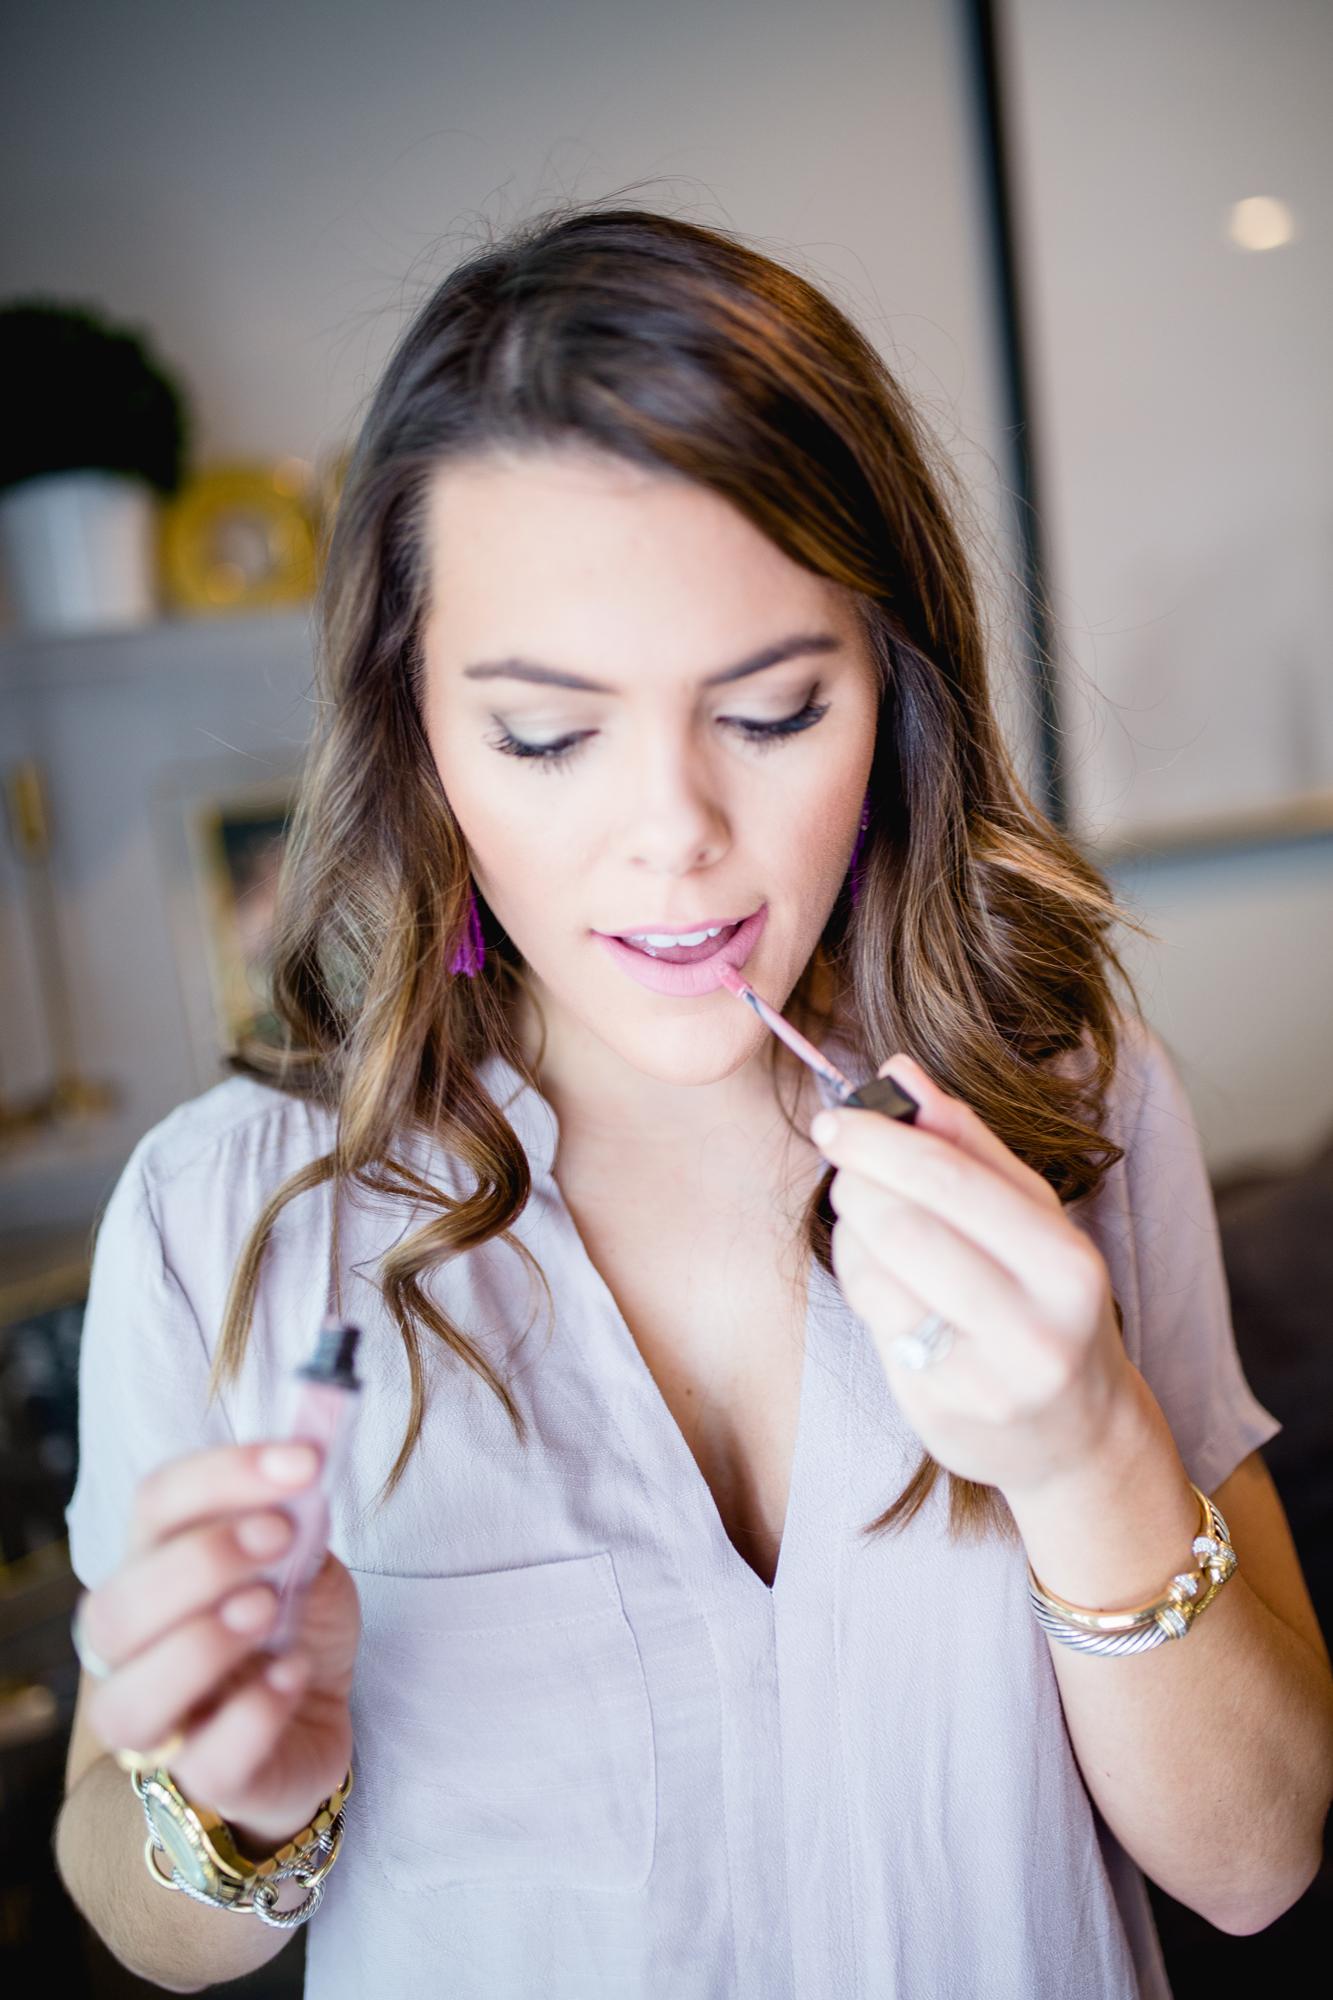 Best Pink Lipsticks for spring ft. Nordstrom // spring beauty trends